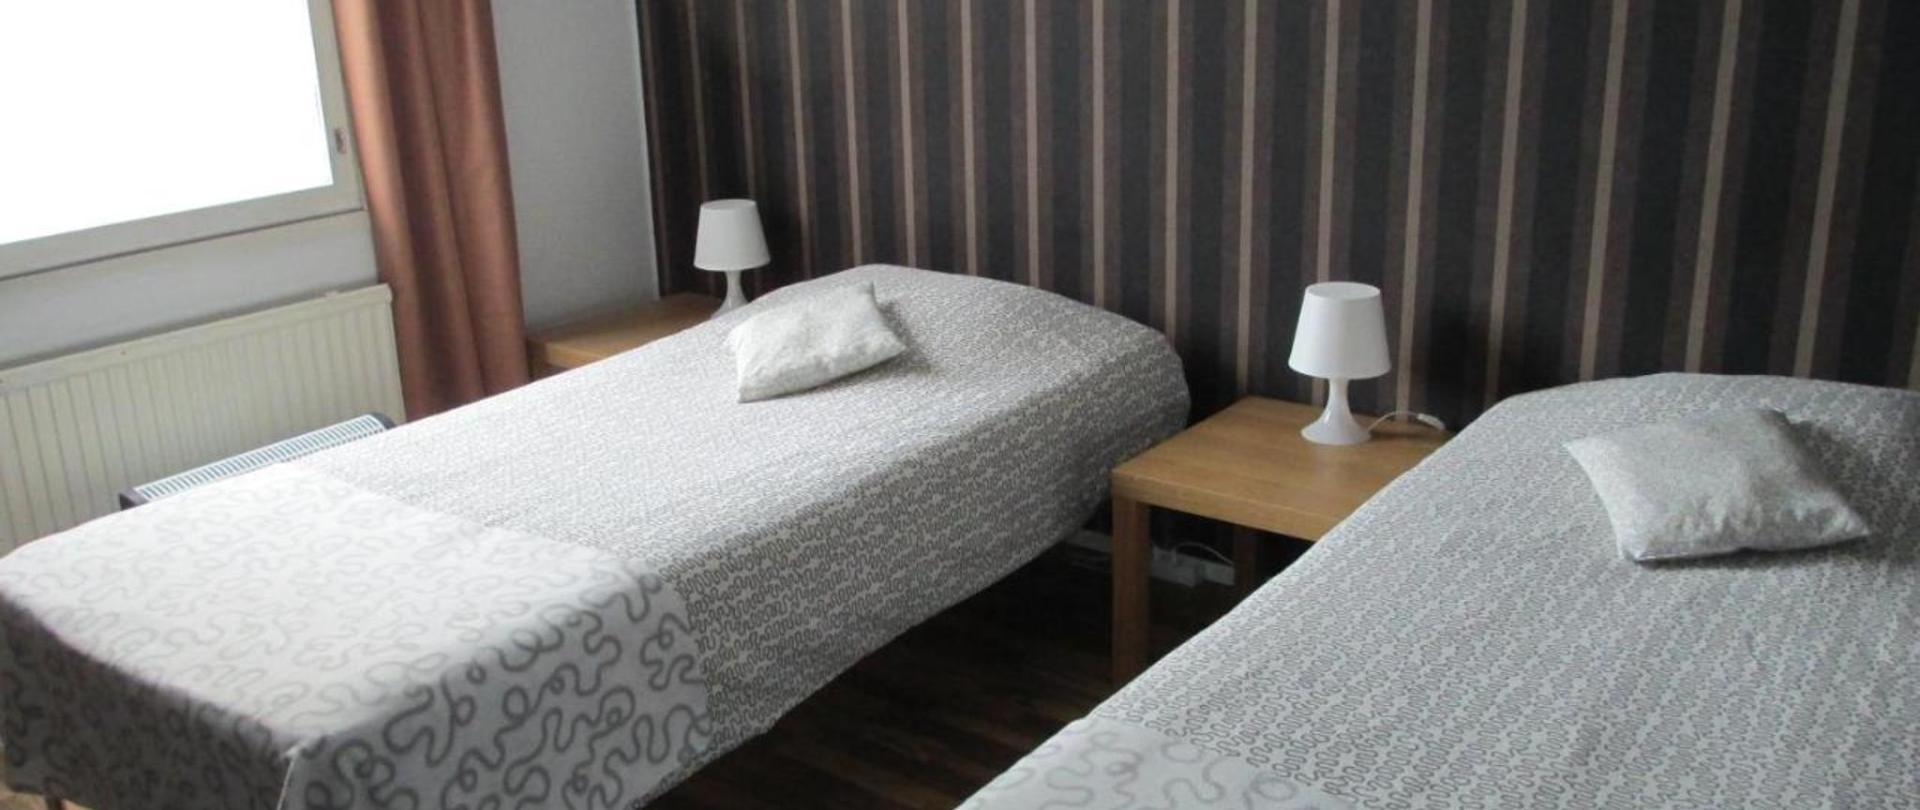 Hotel Ackas